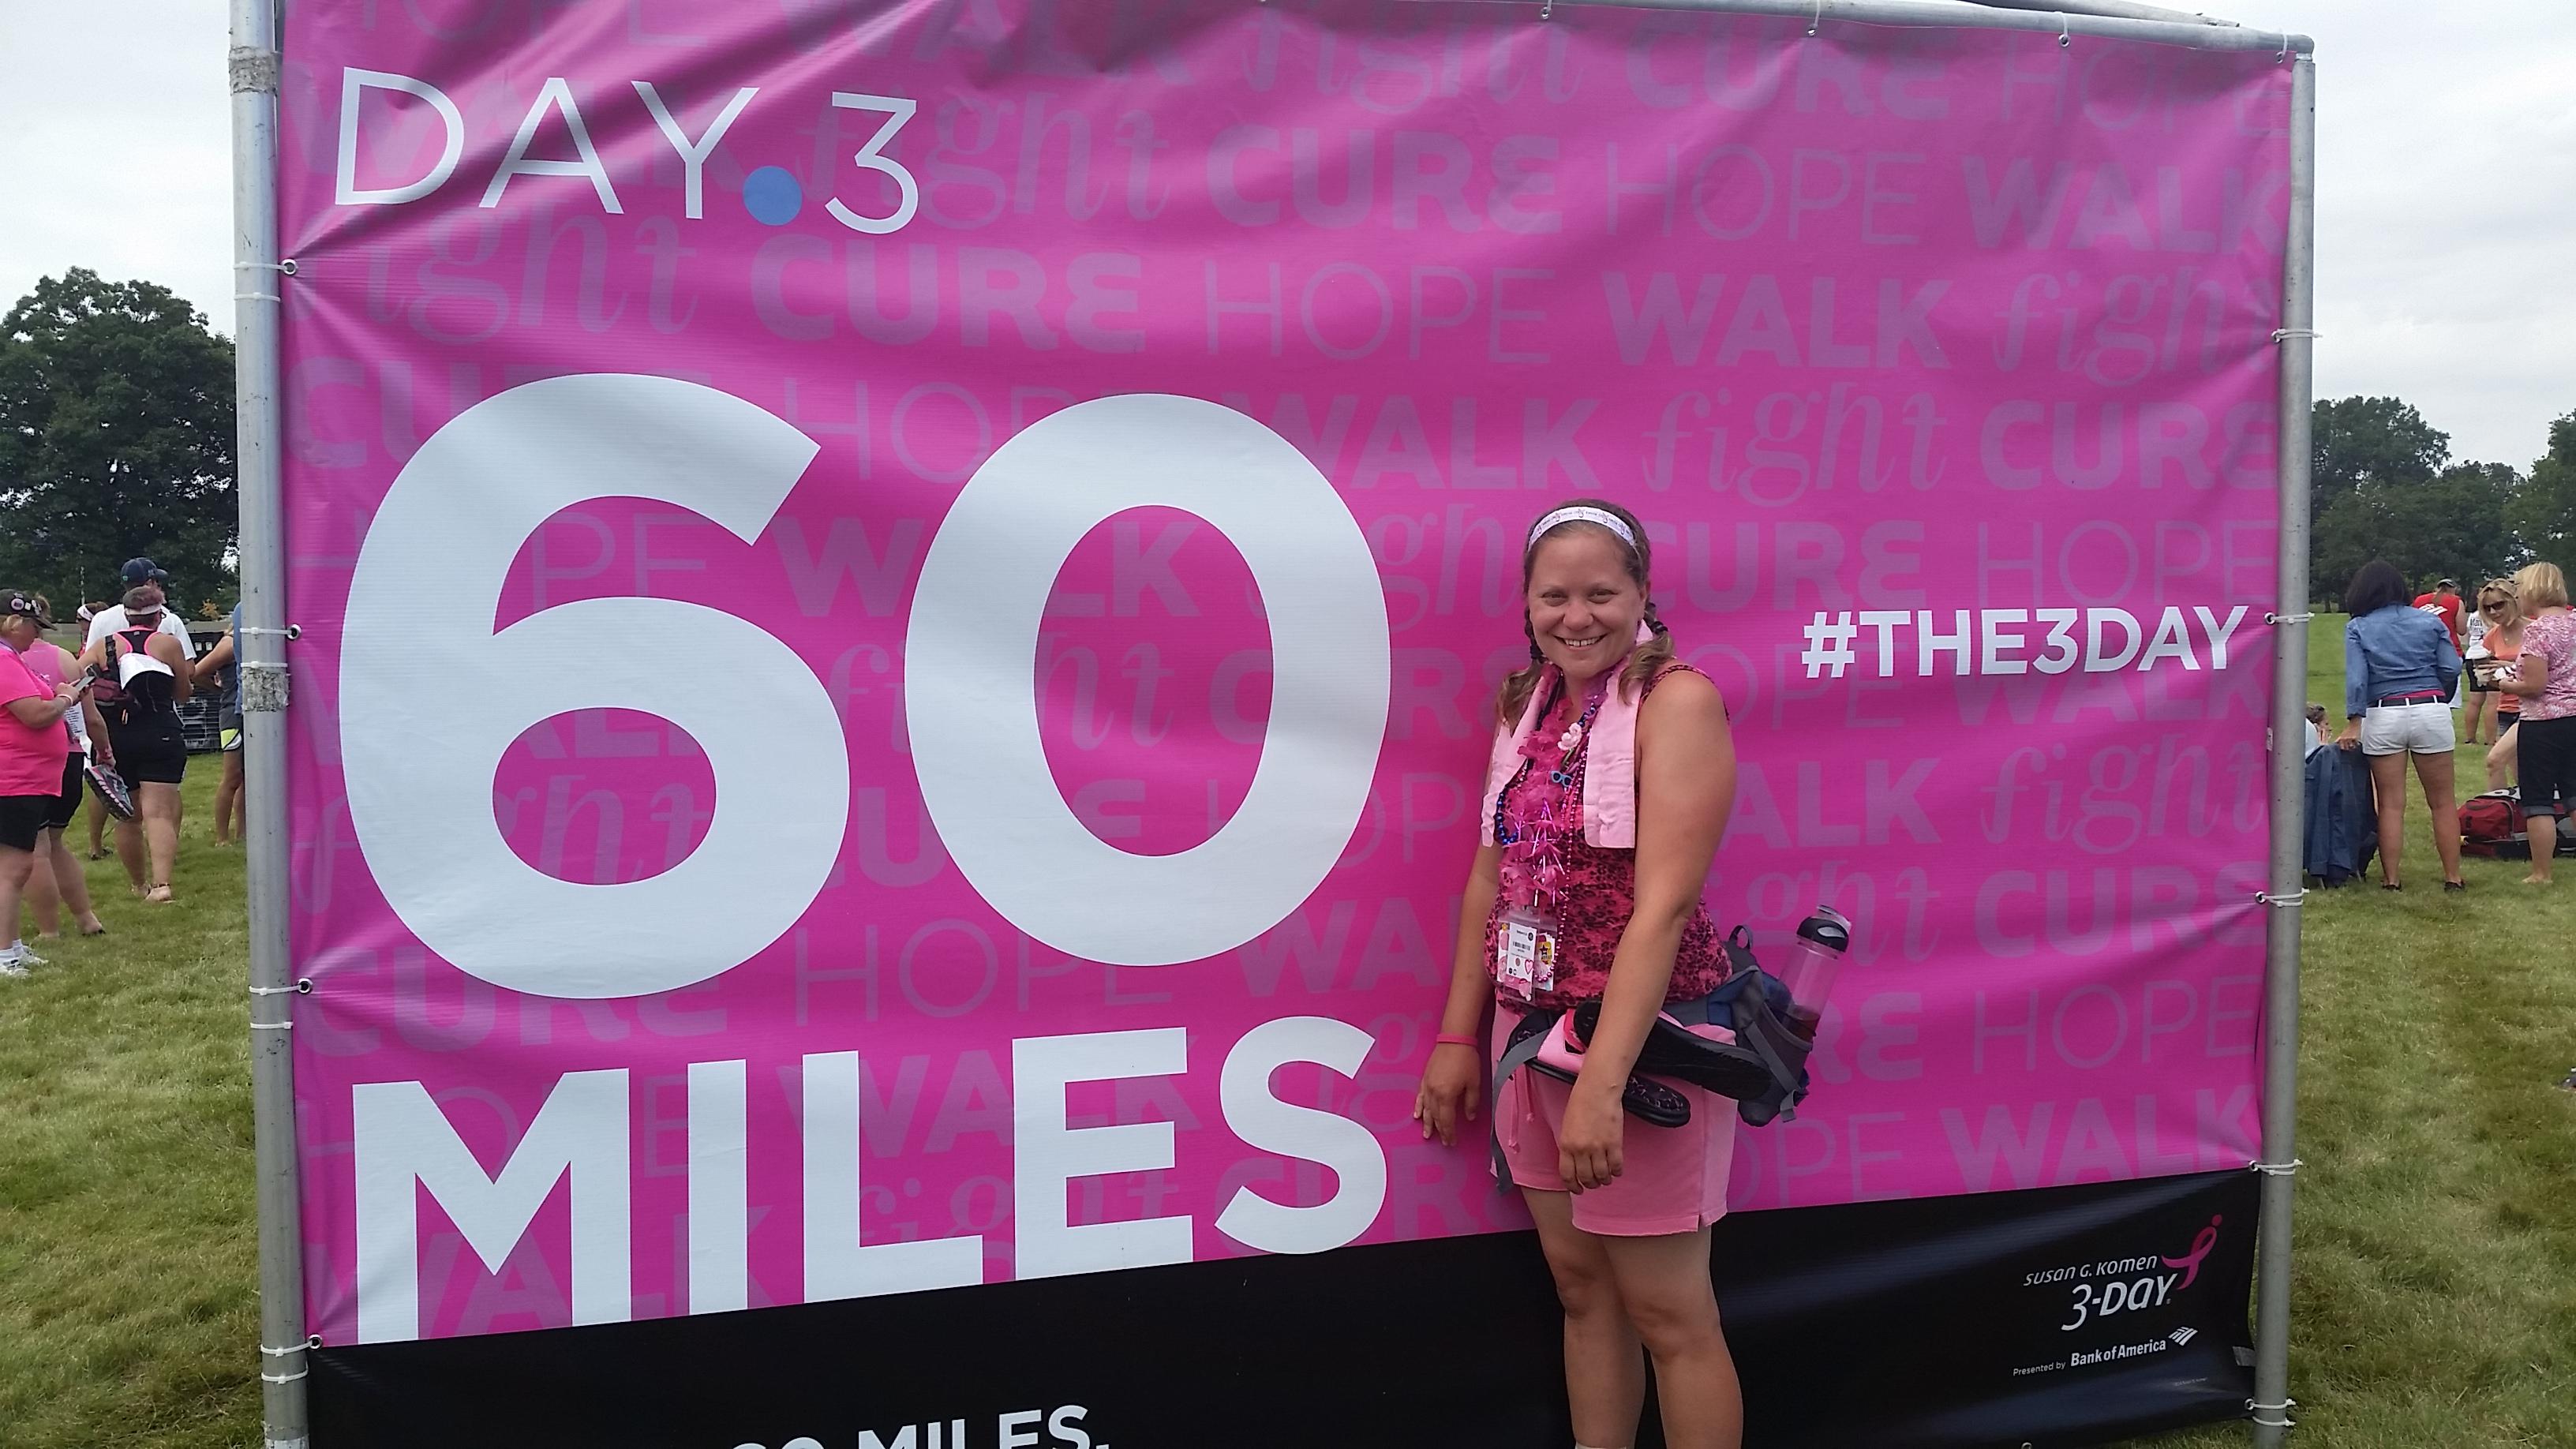 Susan G. Komen 60 Miles – Day 3